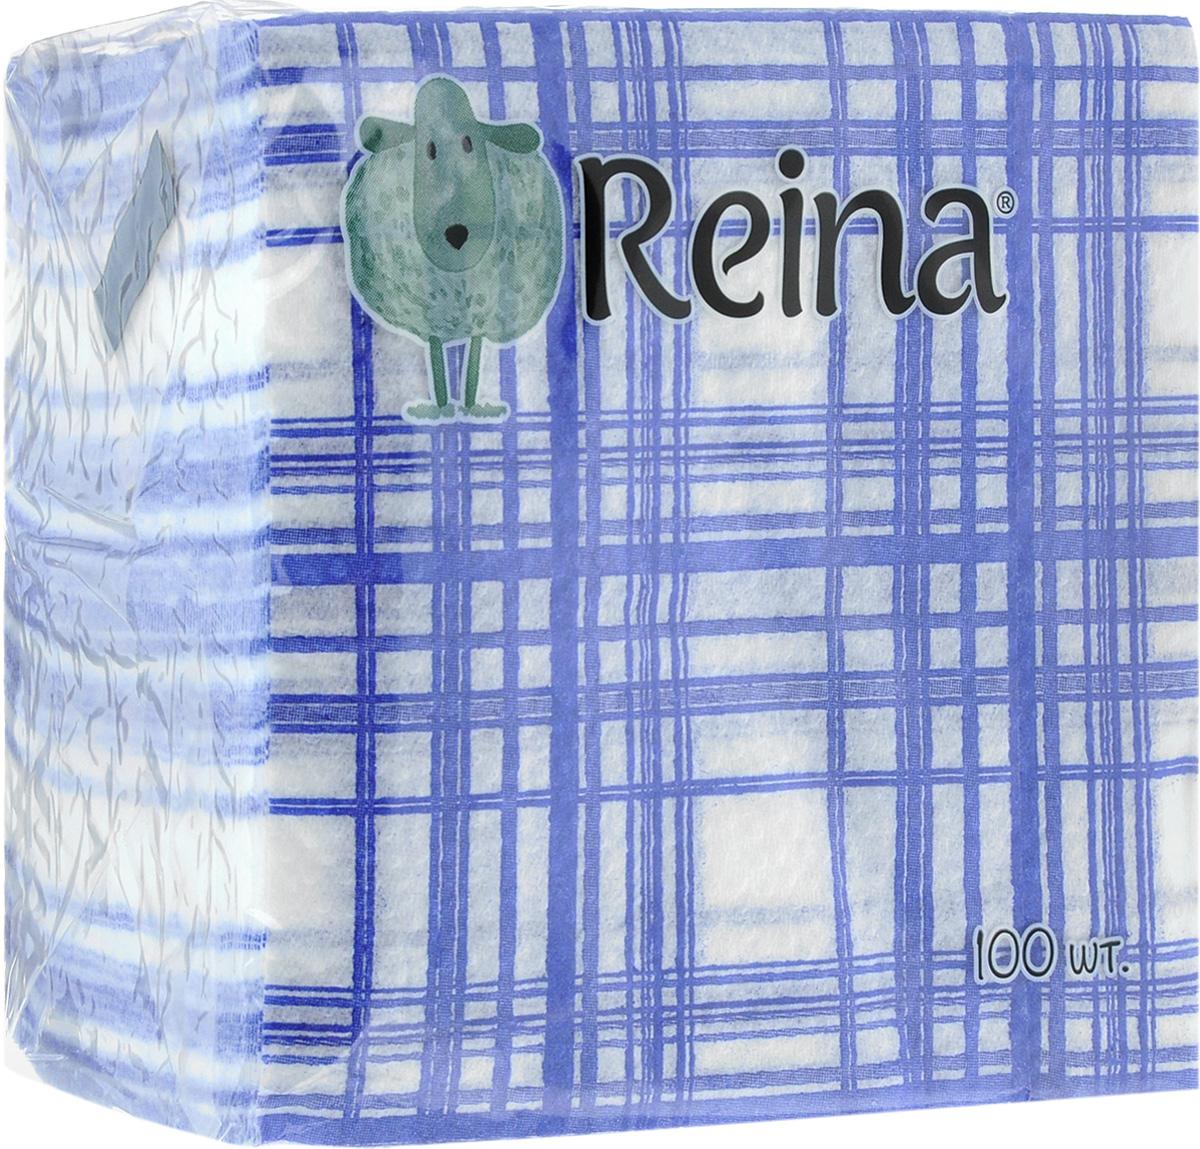 Салфетки бумажные Reina, однослойные, 12 х 12 см, 100 штPUL-000220ксСалфетки бумажные Reina, выполненные из натуральной целлюлозы, станут отличным дополнением любого праздничного стола. Они отличаются необычной мягкостью и оригинальностью. Размер салфетки: 12 х 12 см. Количество слоев: 1.